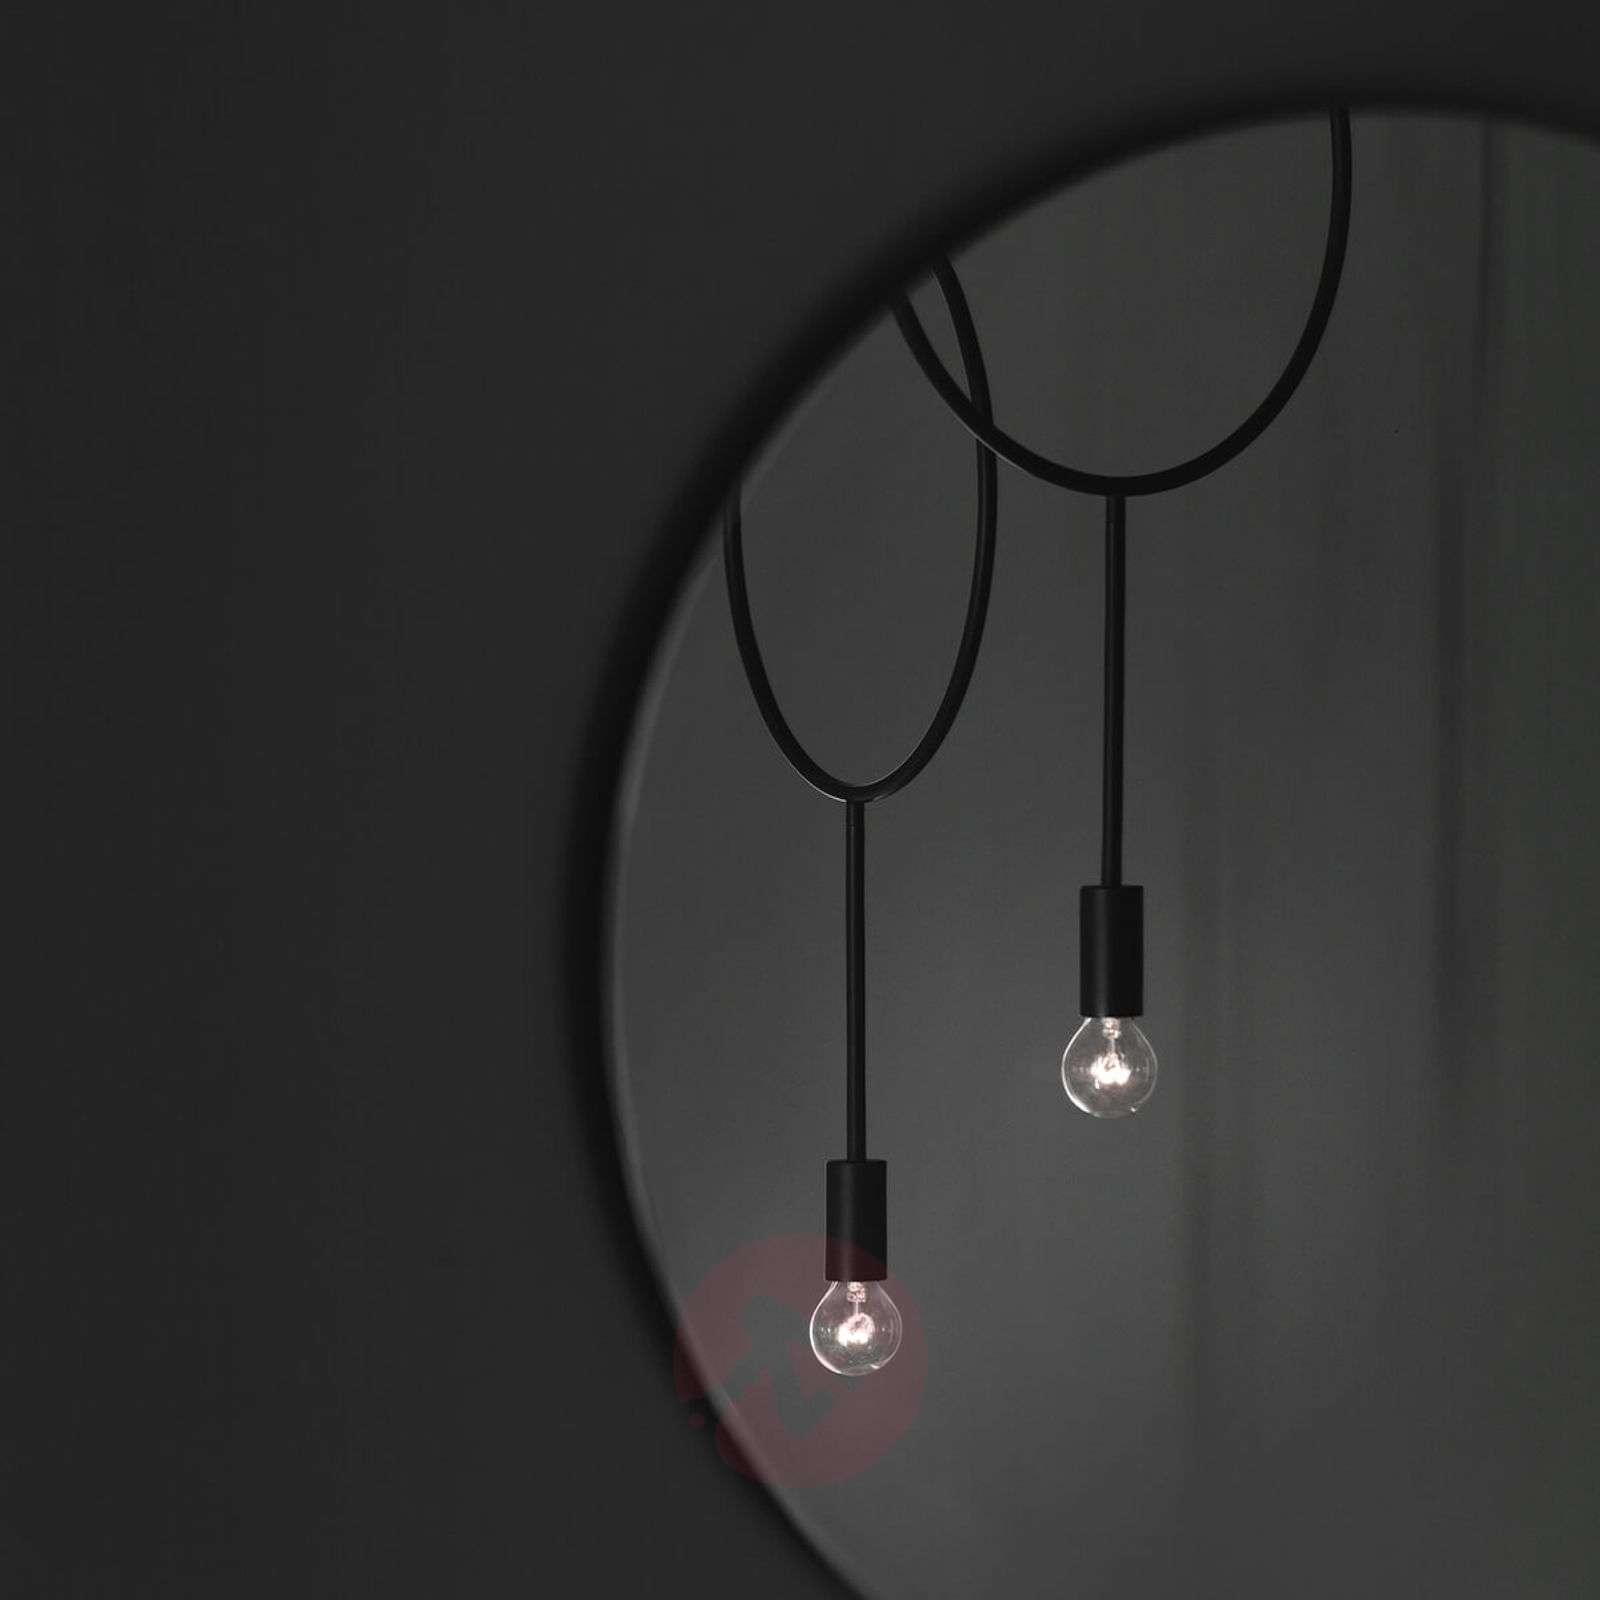 Extravagant designer hanging light Circle-7013098-02